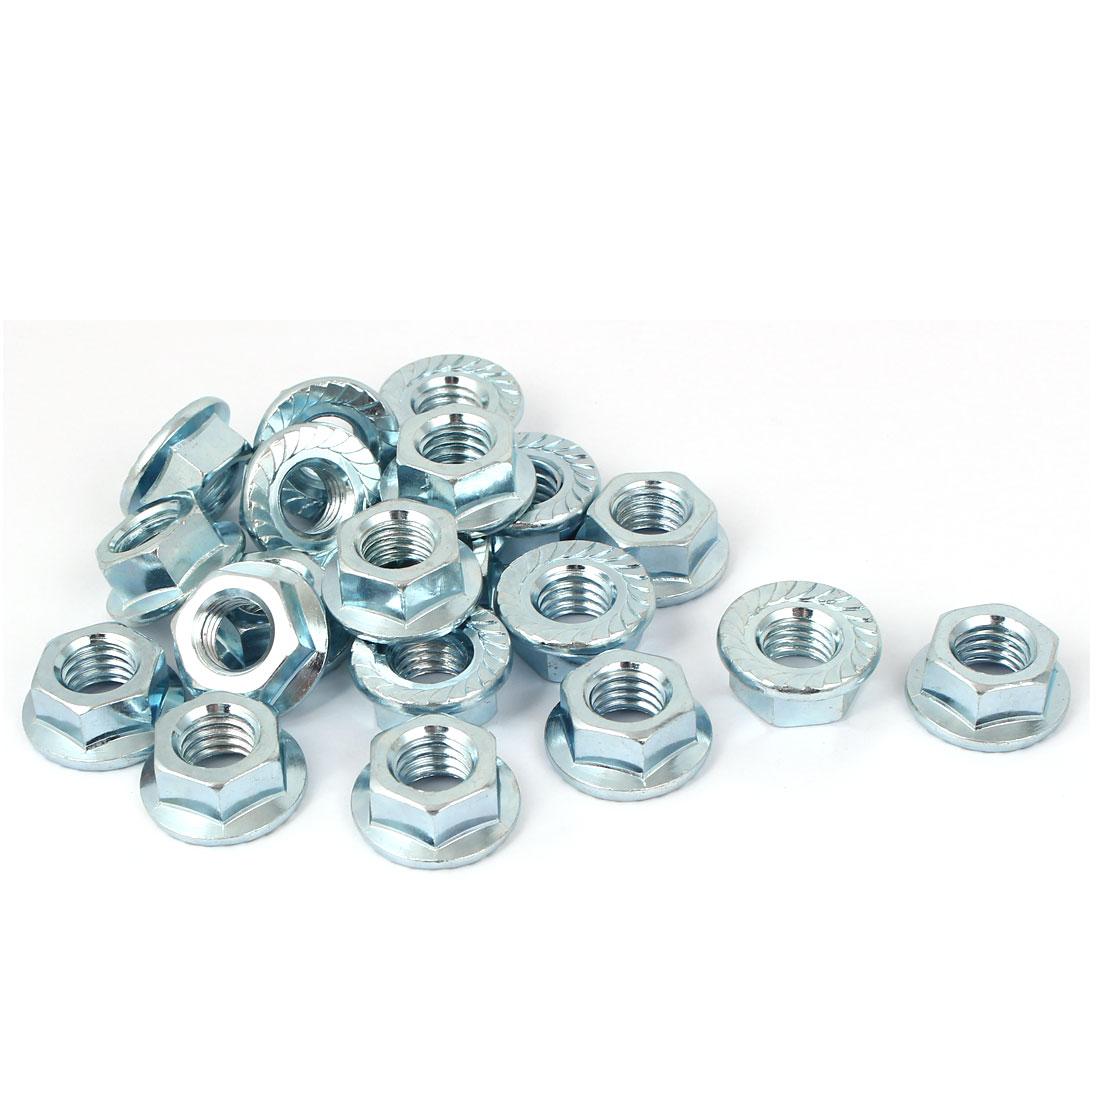 """1/2""""x13 Carbon Steel Serrated Hex Flange Lock Nuts 20pcs"""